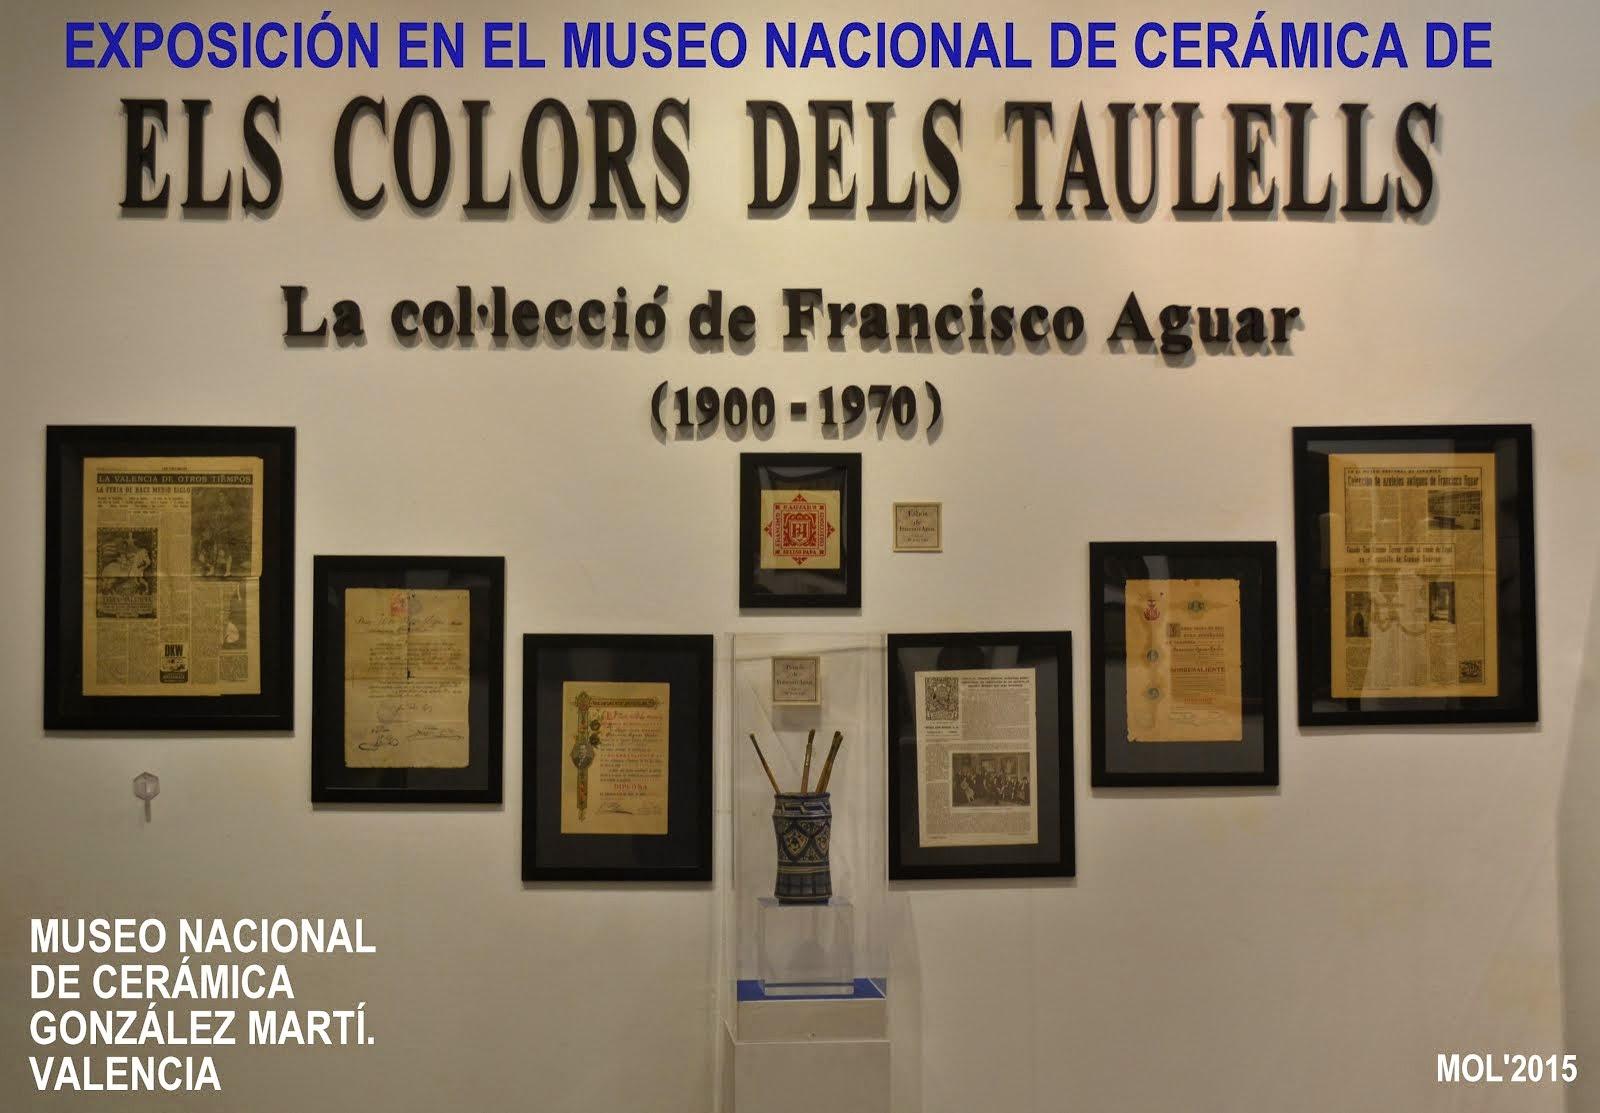 EXPOSICIÓN EN EL MUSEO DE CERÁMICA GONZÁLEZ MARTÍ DE VALENCIA, DE FRANCISCO AGUAR TARÍN.